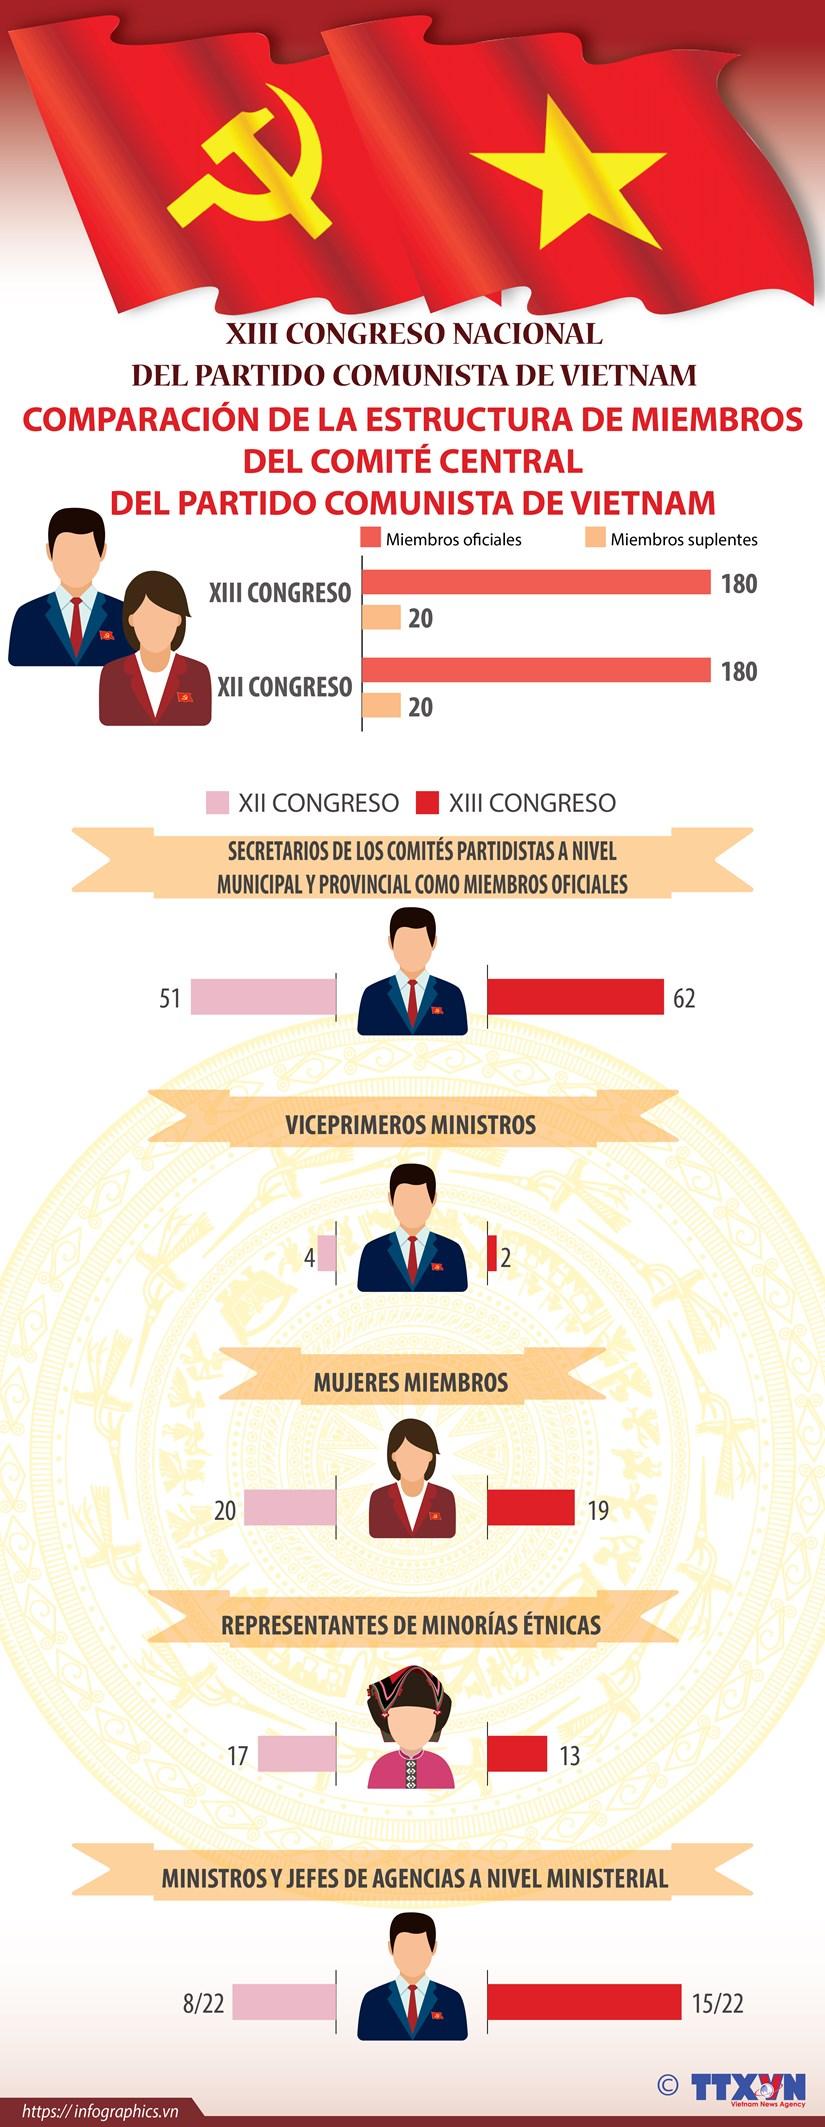 Comparacion de la estructura de miembros del Comite Central del Partido Comunista de Vietnam hinh anh 1